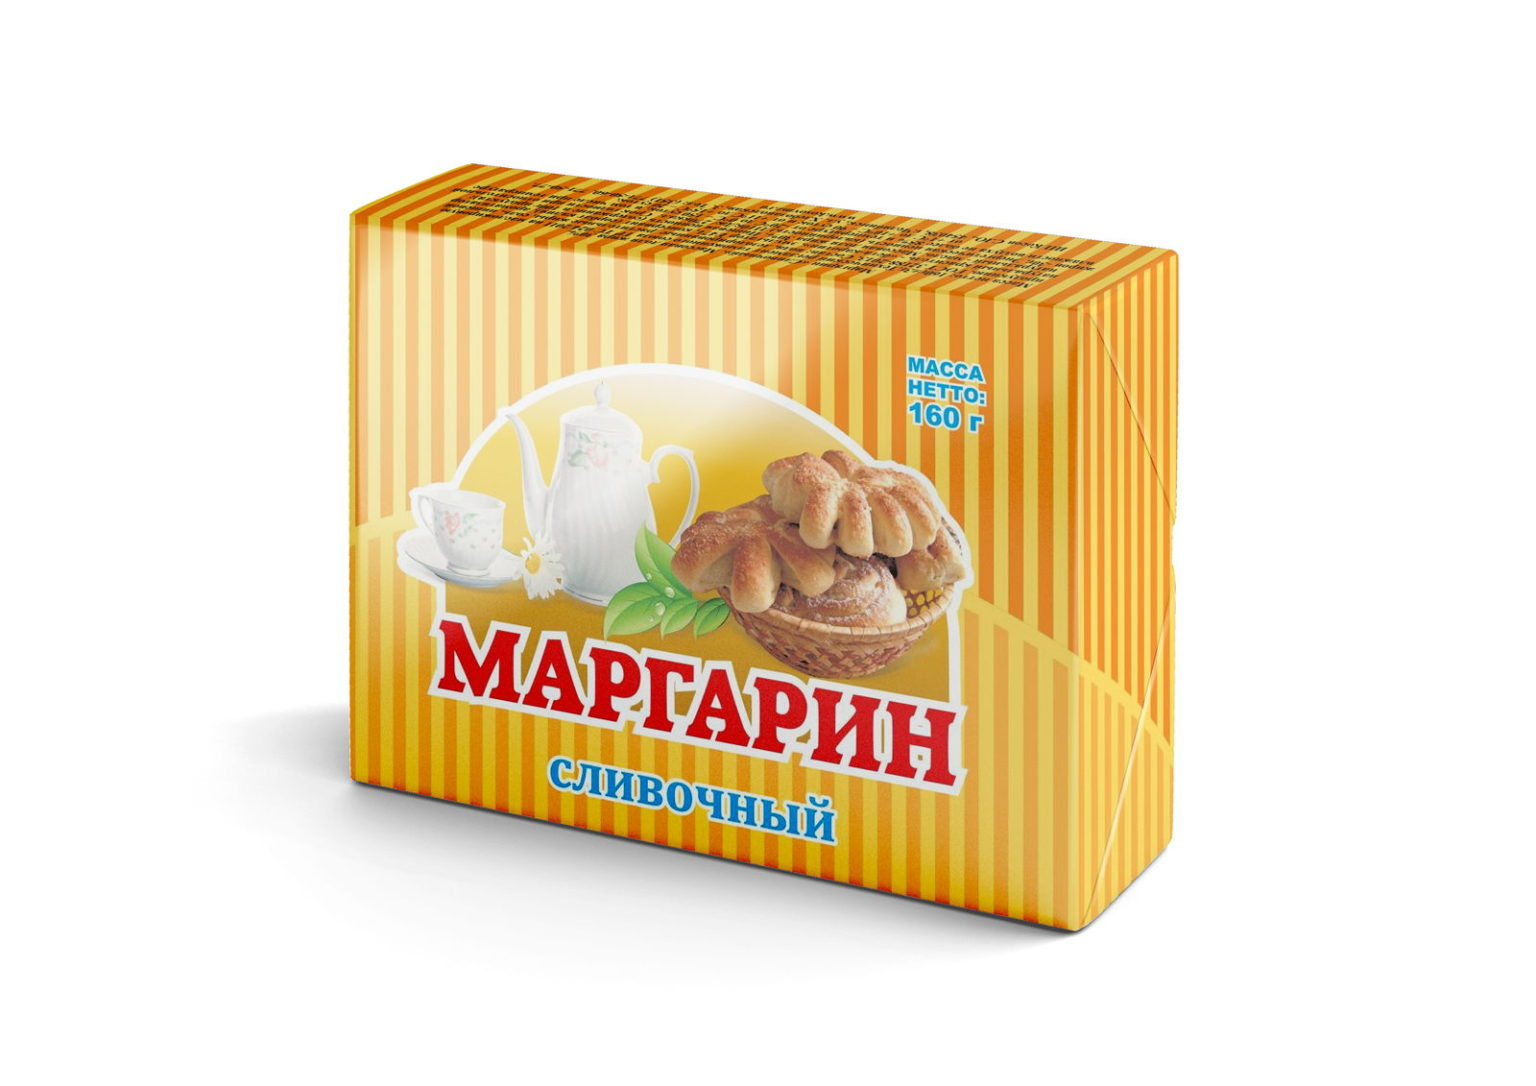 Состав маргарина: из чего делают продукт в россии, споры о пользе и вреде